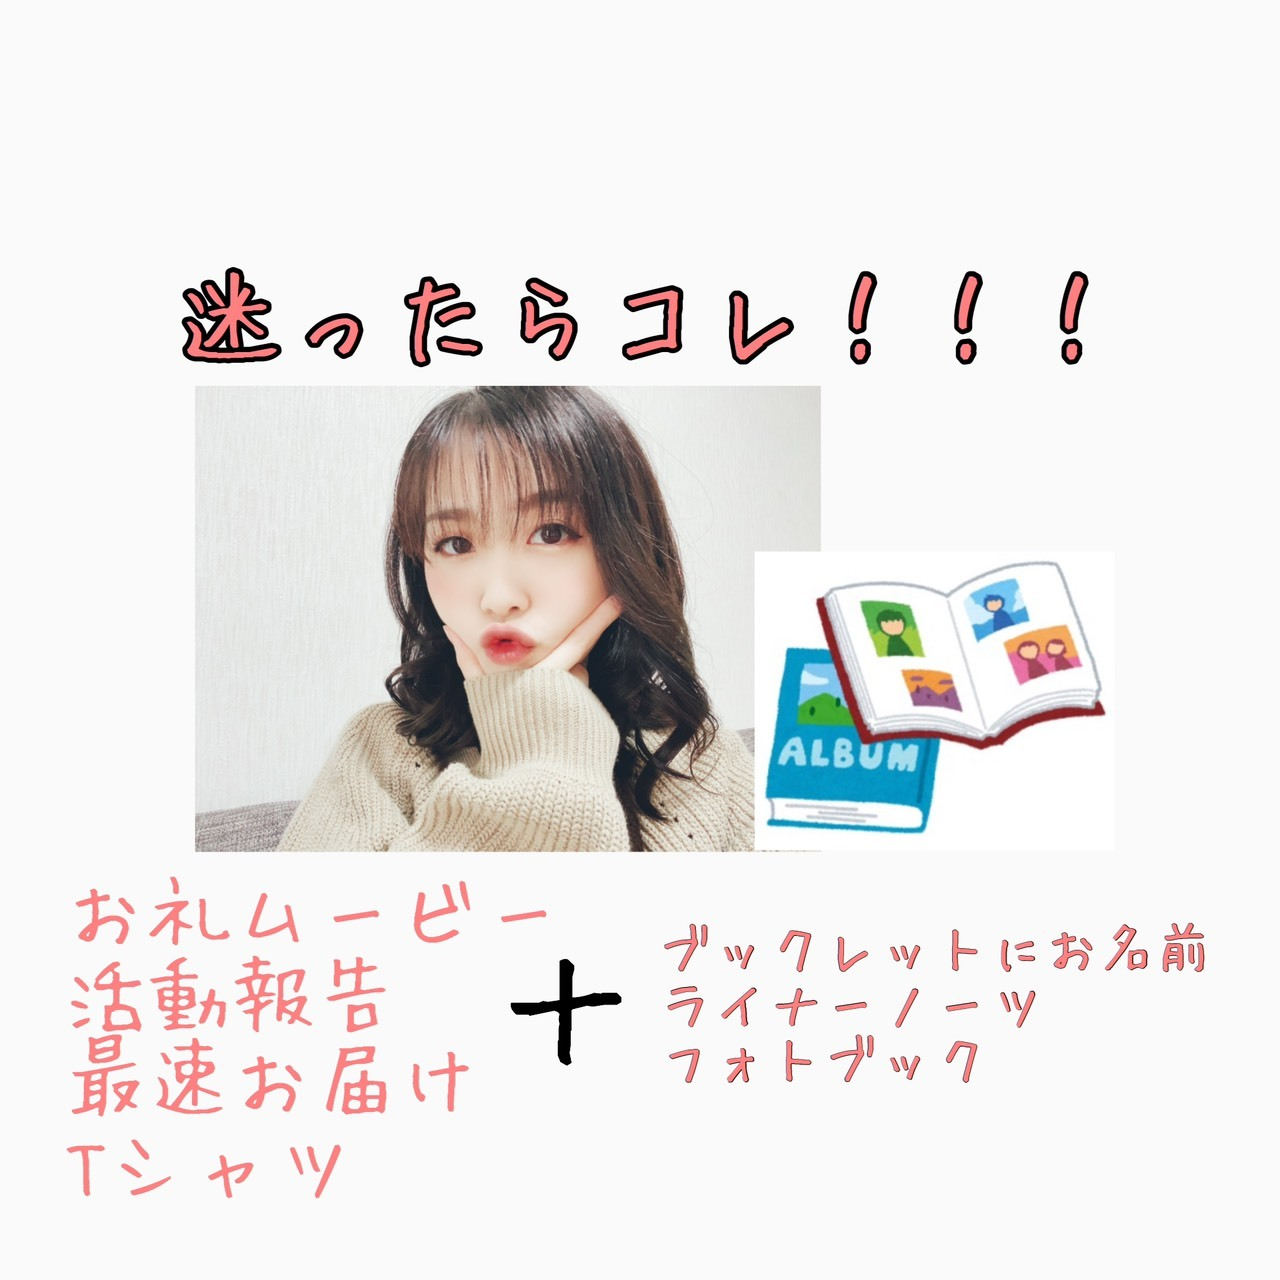 <迷ったらこれ!!綱木悠夏スペシャルサンクスプラン>